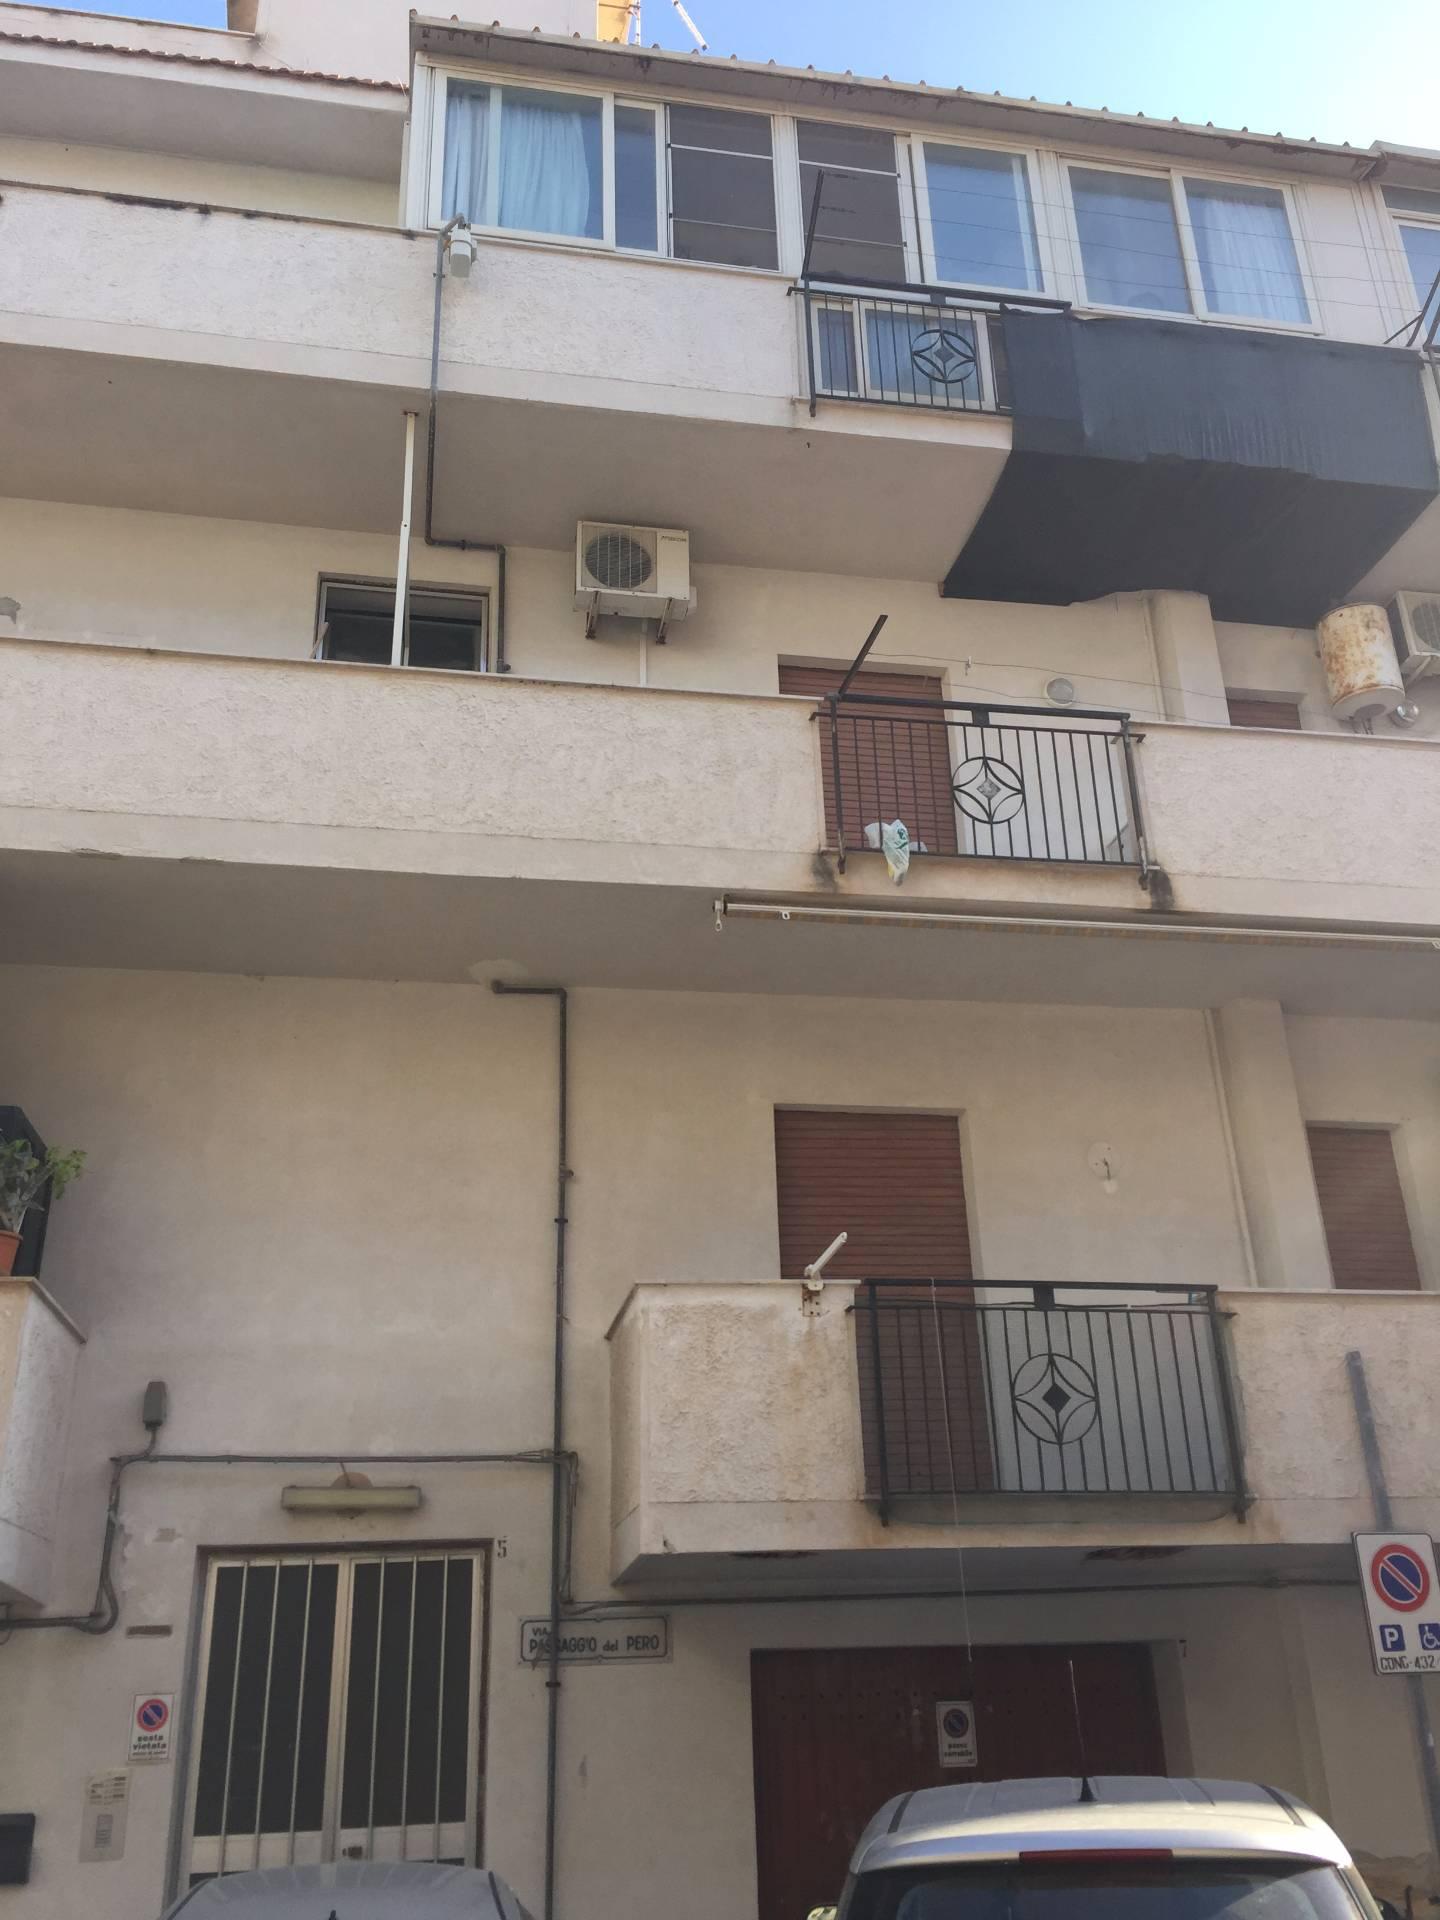 Appartamento in vendita a Isola delle Femmine, 2 locali, prezzo € 55.000 | Cambio Casa.it